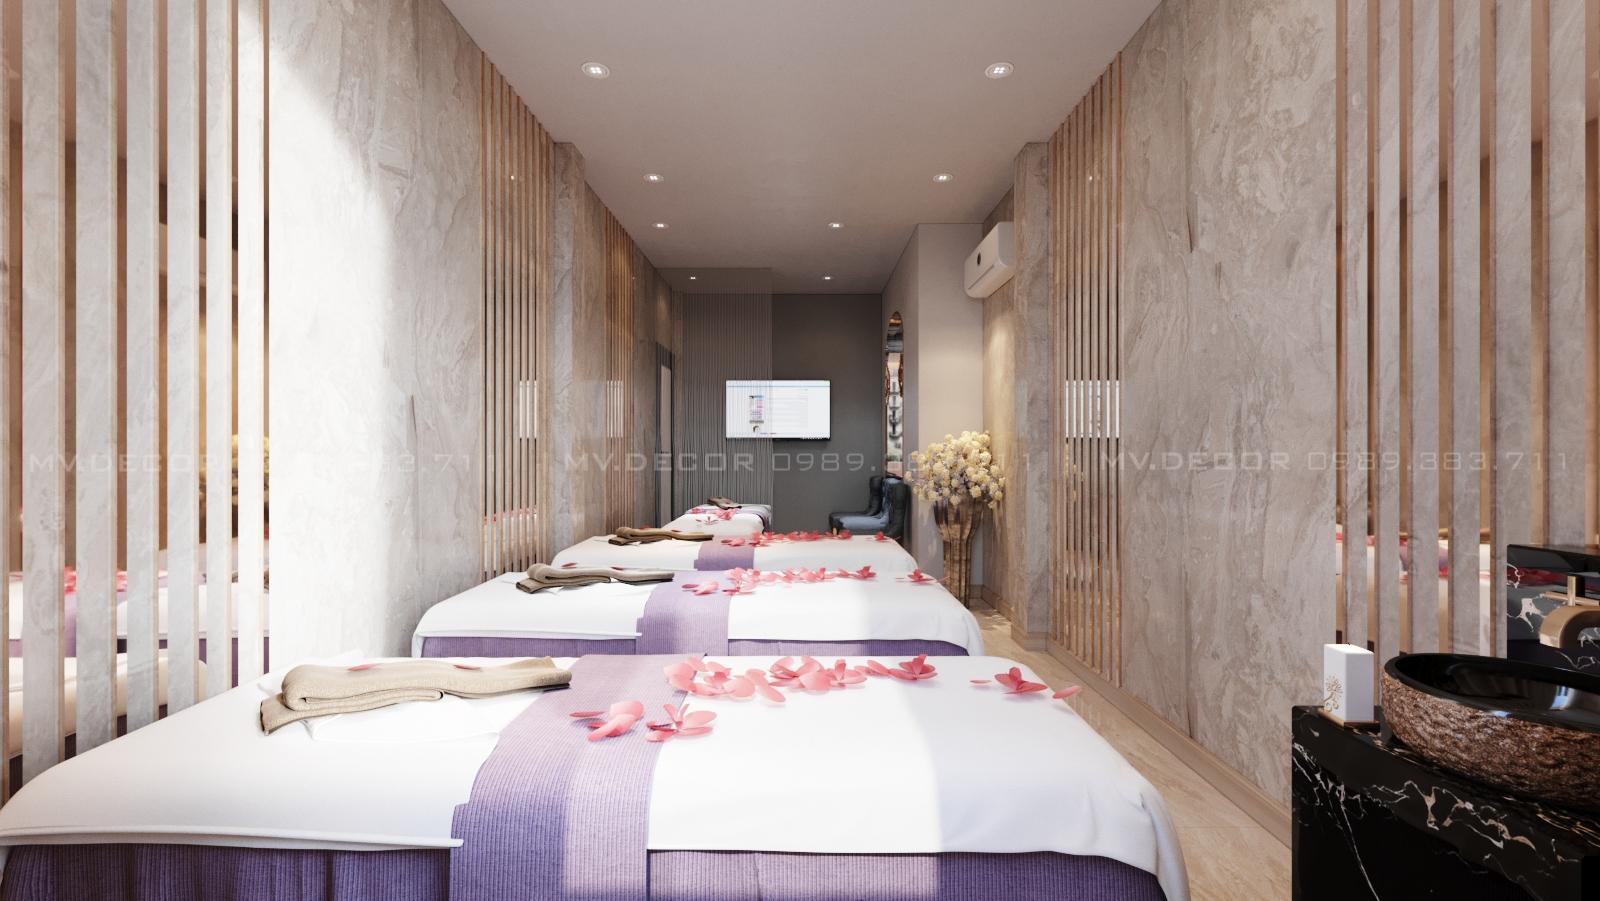 thiết kế nội thất Spa tại Hồ Chí Minh CHI NHÁNH MI HƯƠNG SPA HỒ CHÍ MINH 9 1562719798